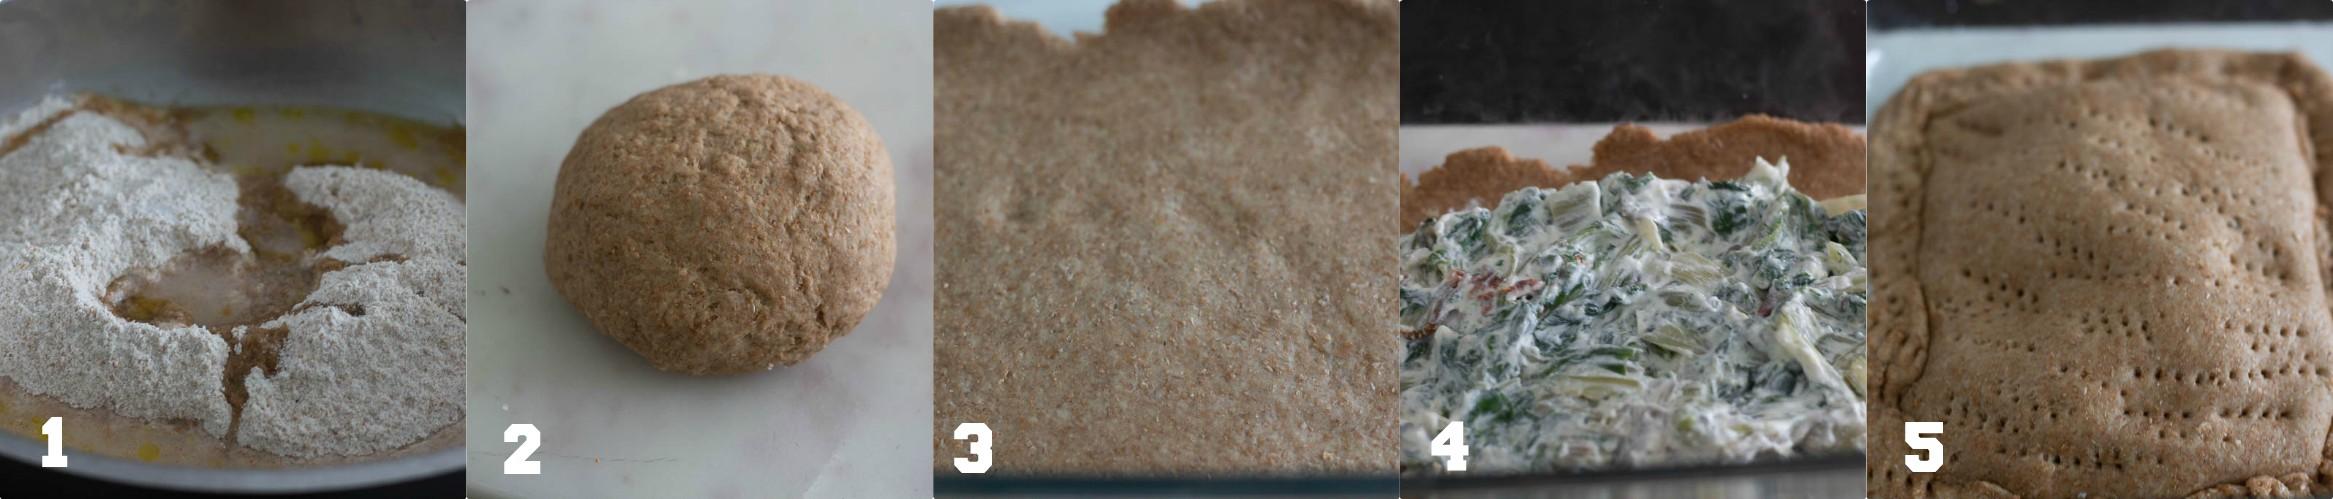 Pasta matta integrale con ricotta bietola e pomodori